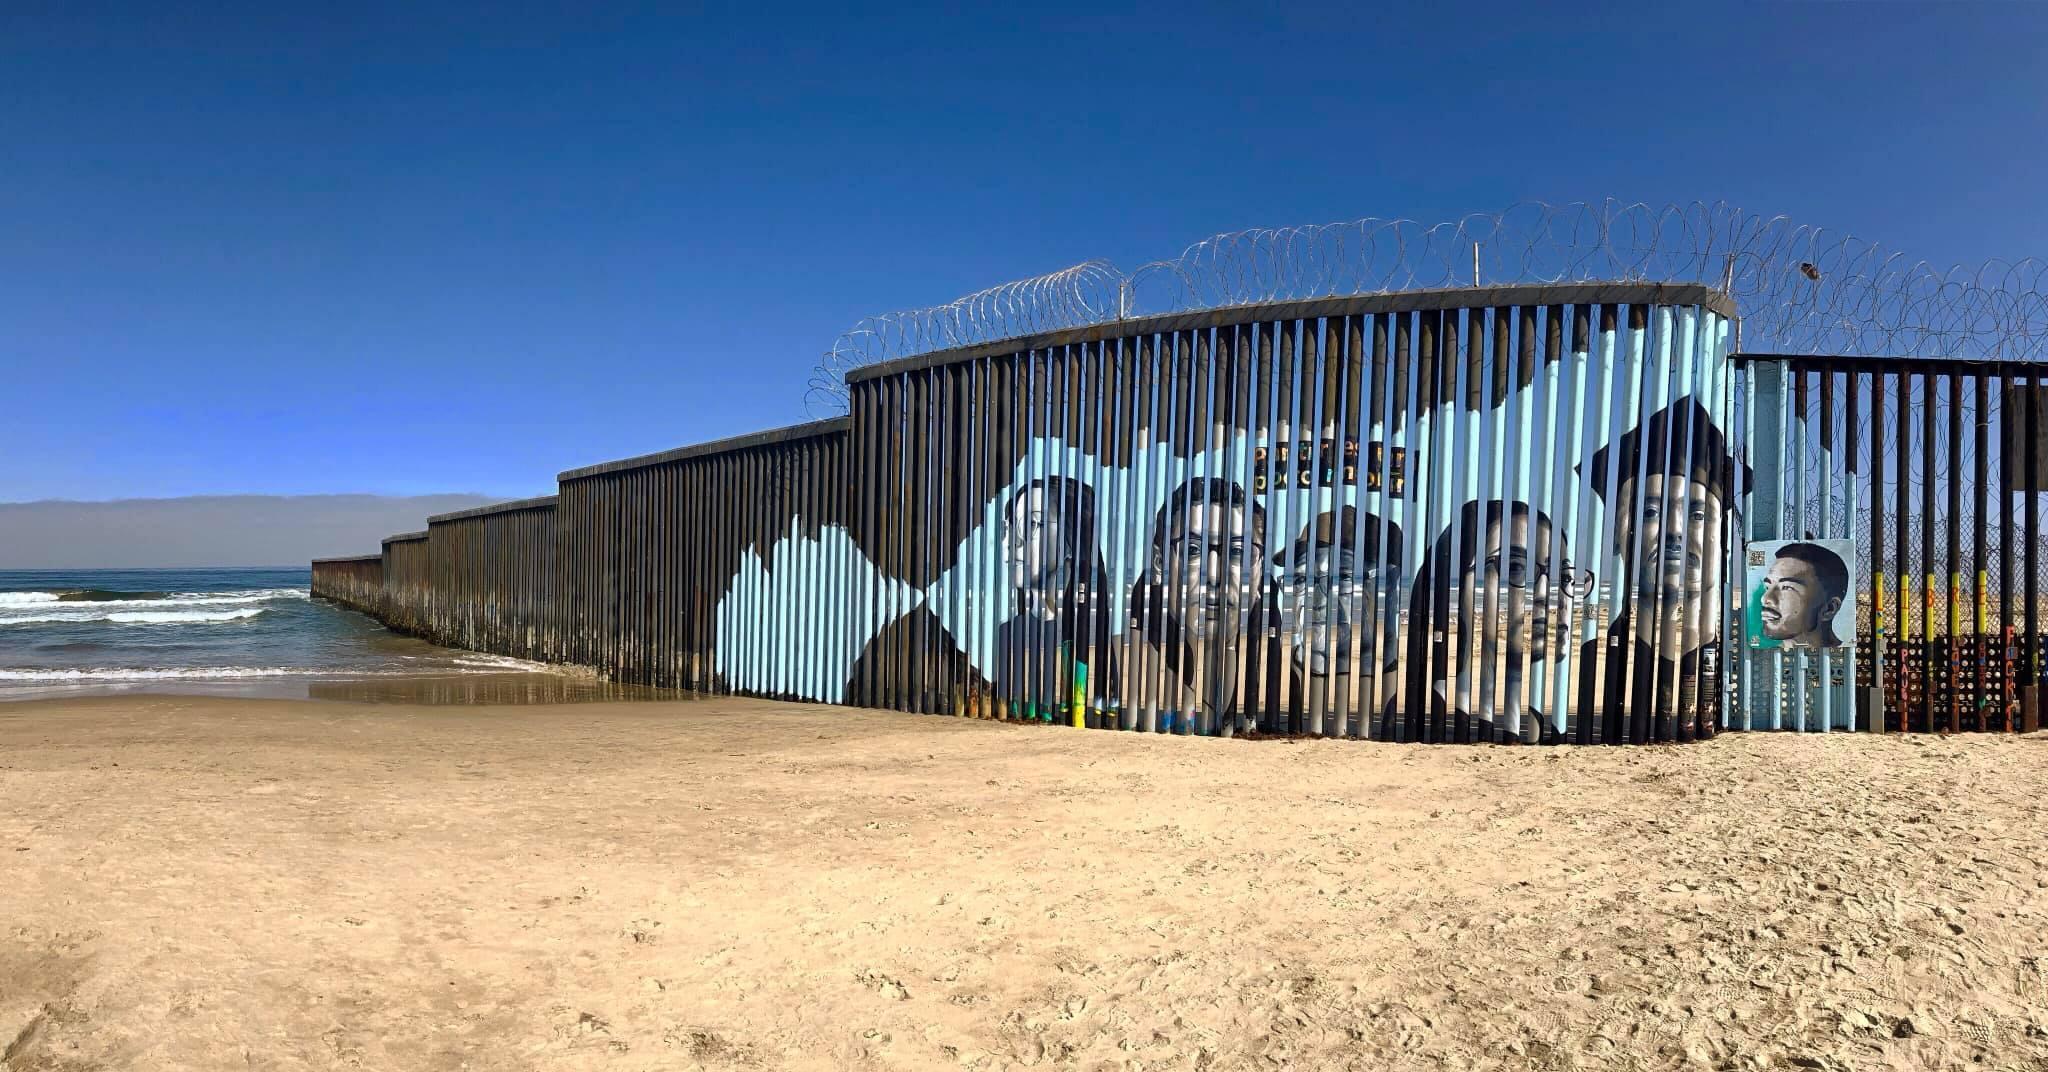 Photo du projet de fresque murale, dirigé par Lizbeth De La Cruz Santana.